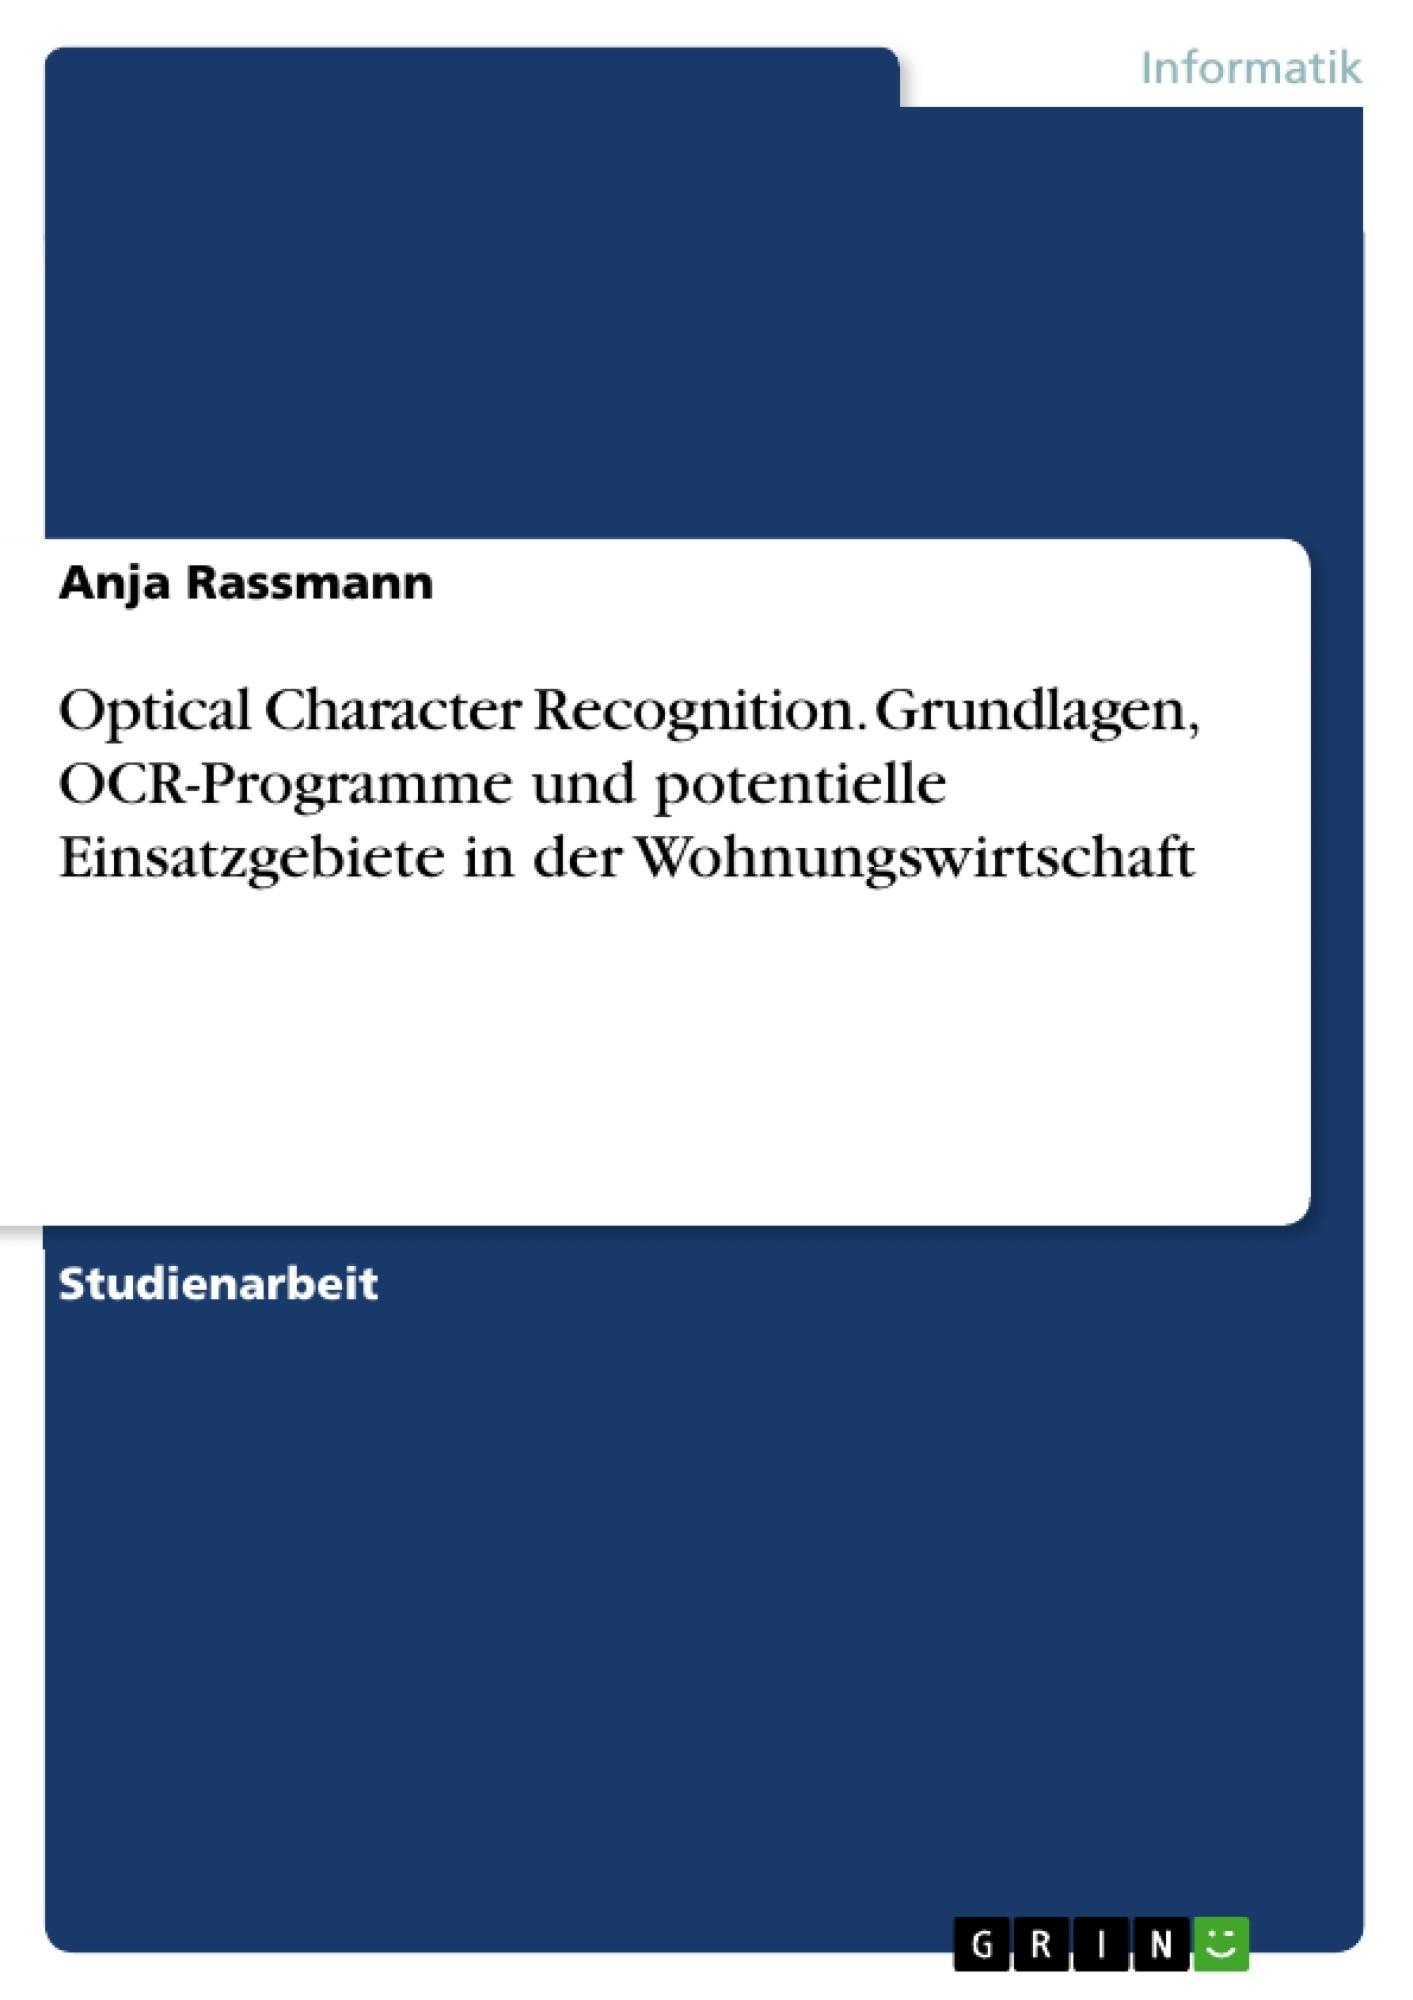 Titel: Optical Character Recognition. Grundlagen, OCR-Programme und potentielle Einsatzgebiete in der Wohnungswirtschaft